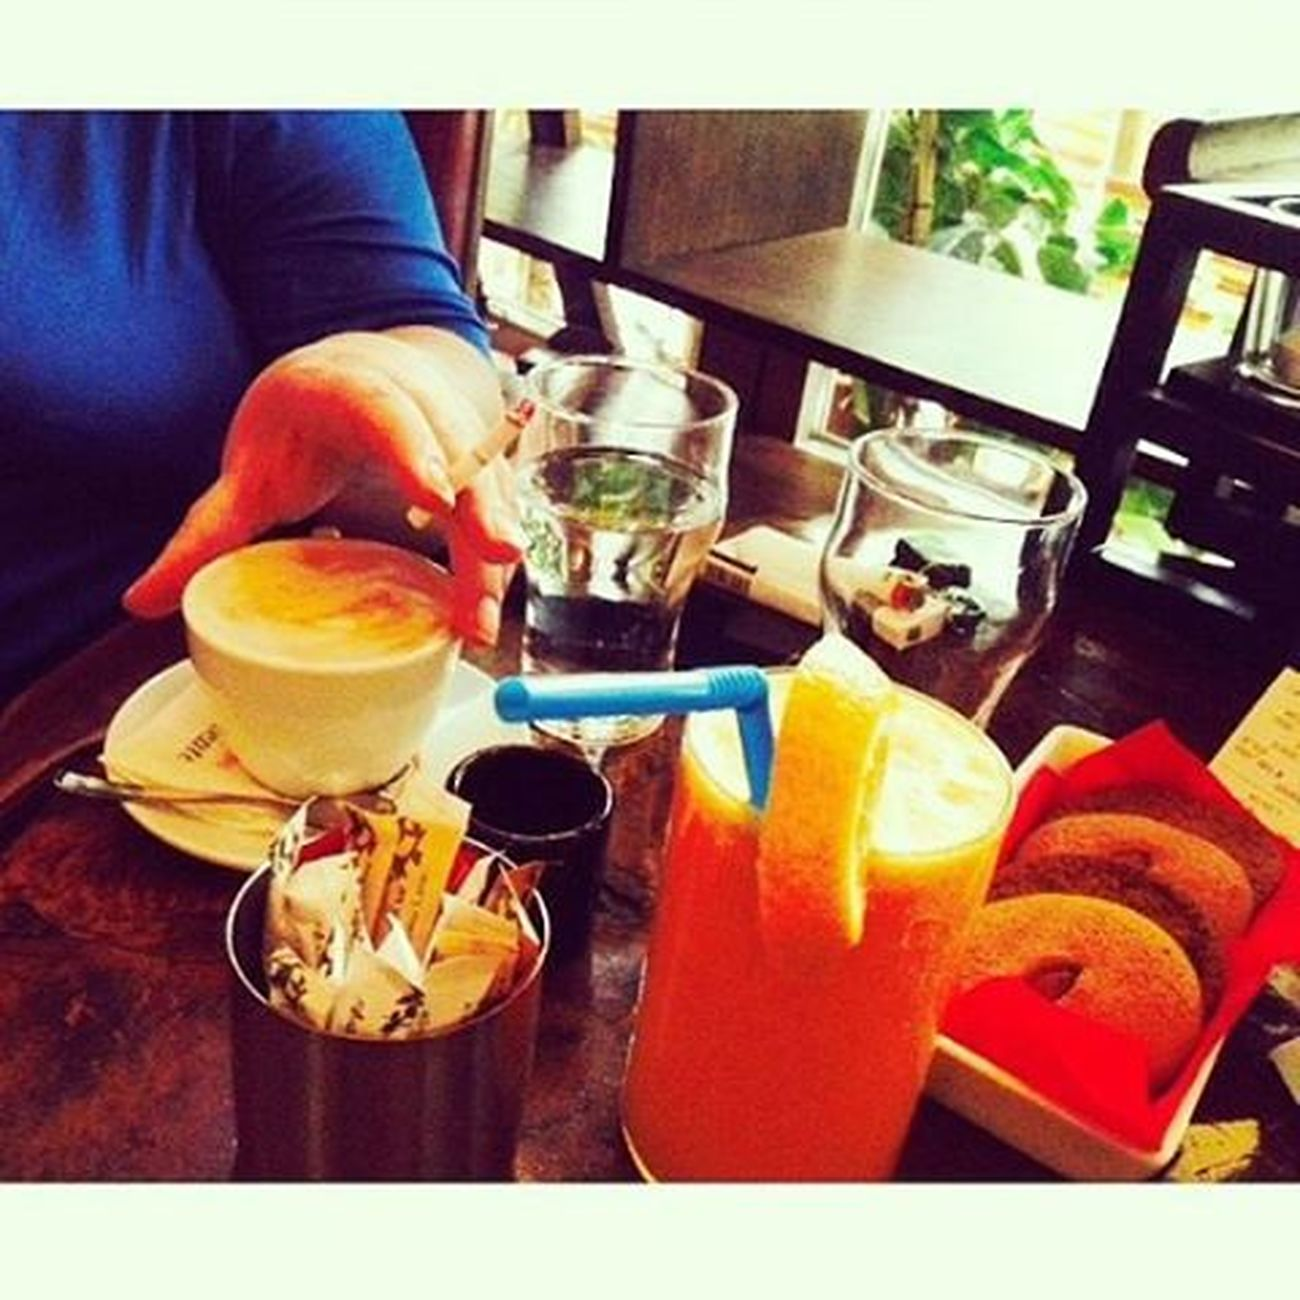 Καφεδάκι Σαλονίκη κι ετς. Saloniki Lepetitfleurcafe Coffeeandthecity Agapamesaloniki Feelinghappy  Free Andloved Baes  Antonis Anna Anastasia Alexandros Loooveesss ❤❤❤